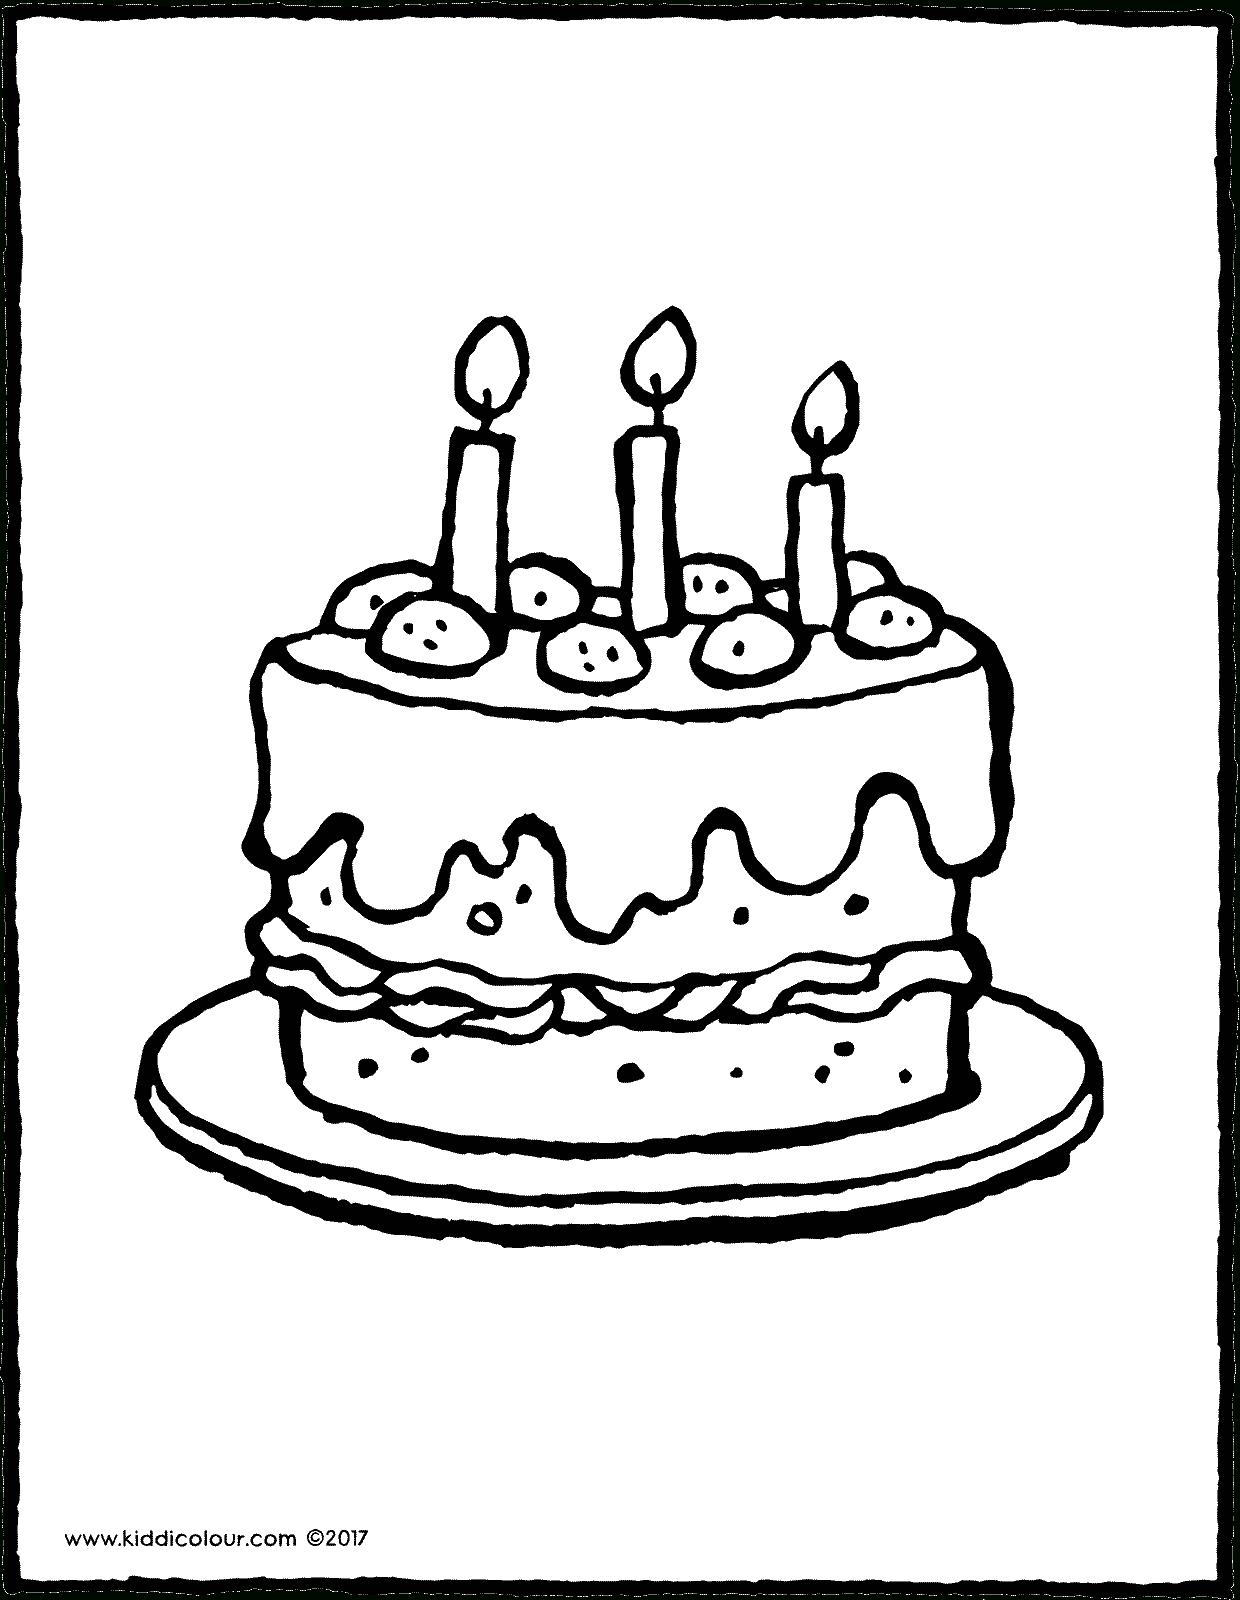 Eine Torte Mit 3 Kerzen - Kiddimalseite innen Ausmalbild Torte